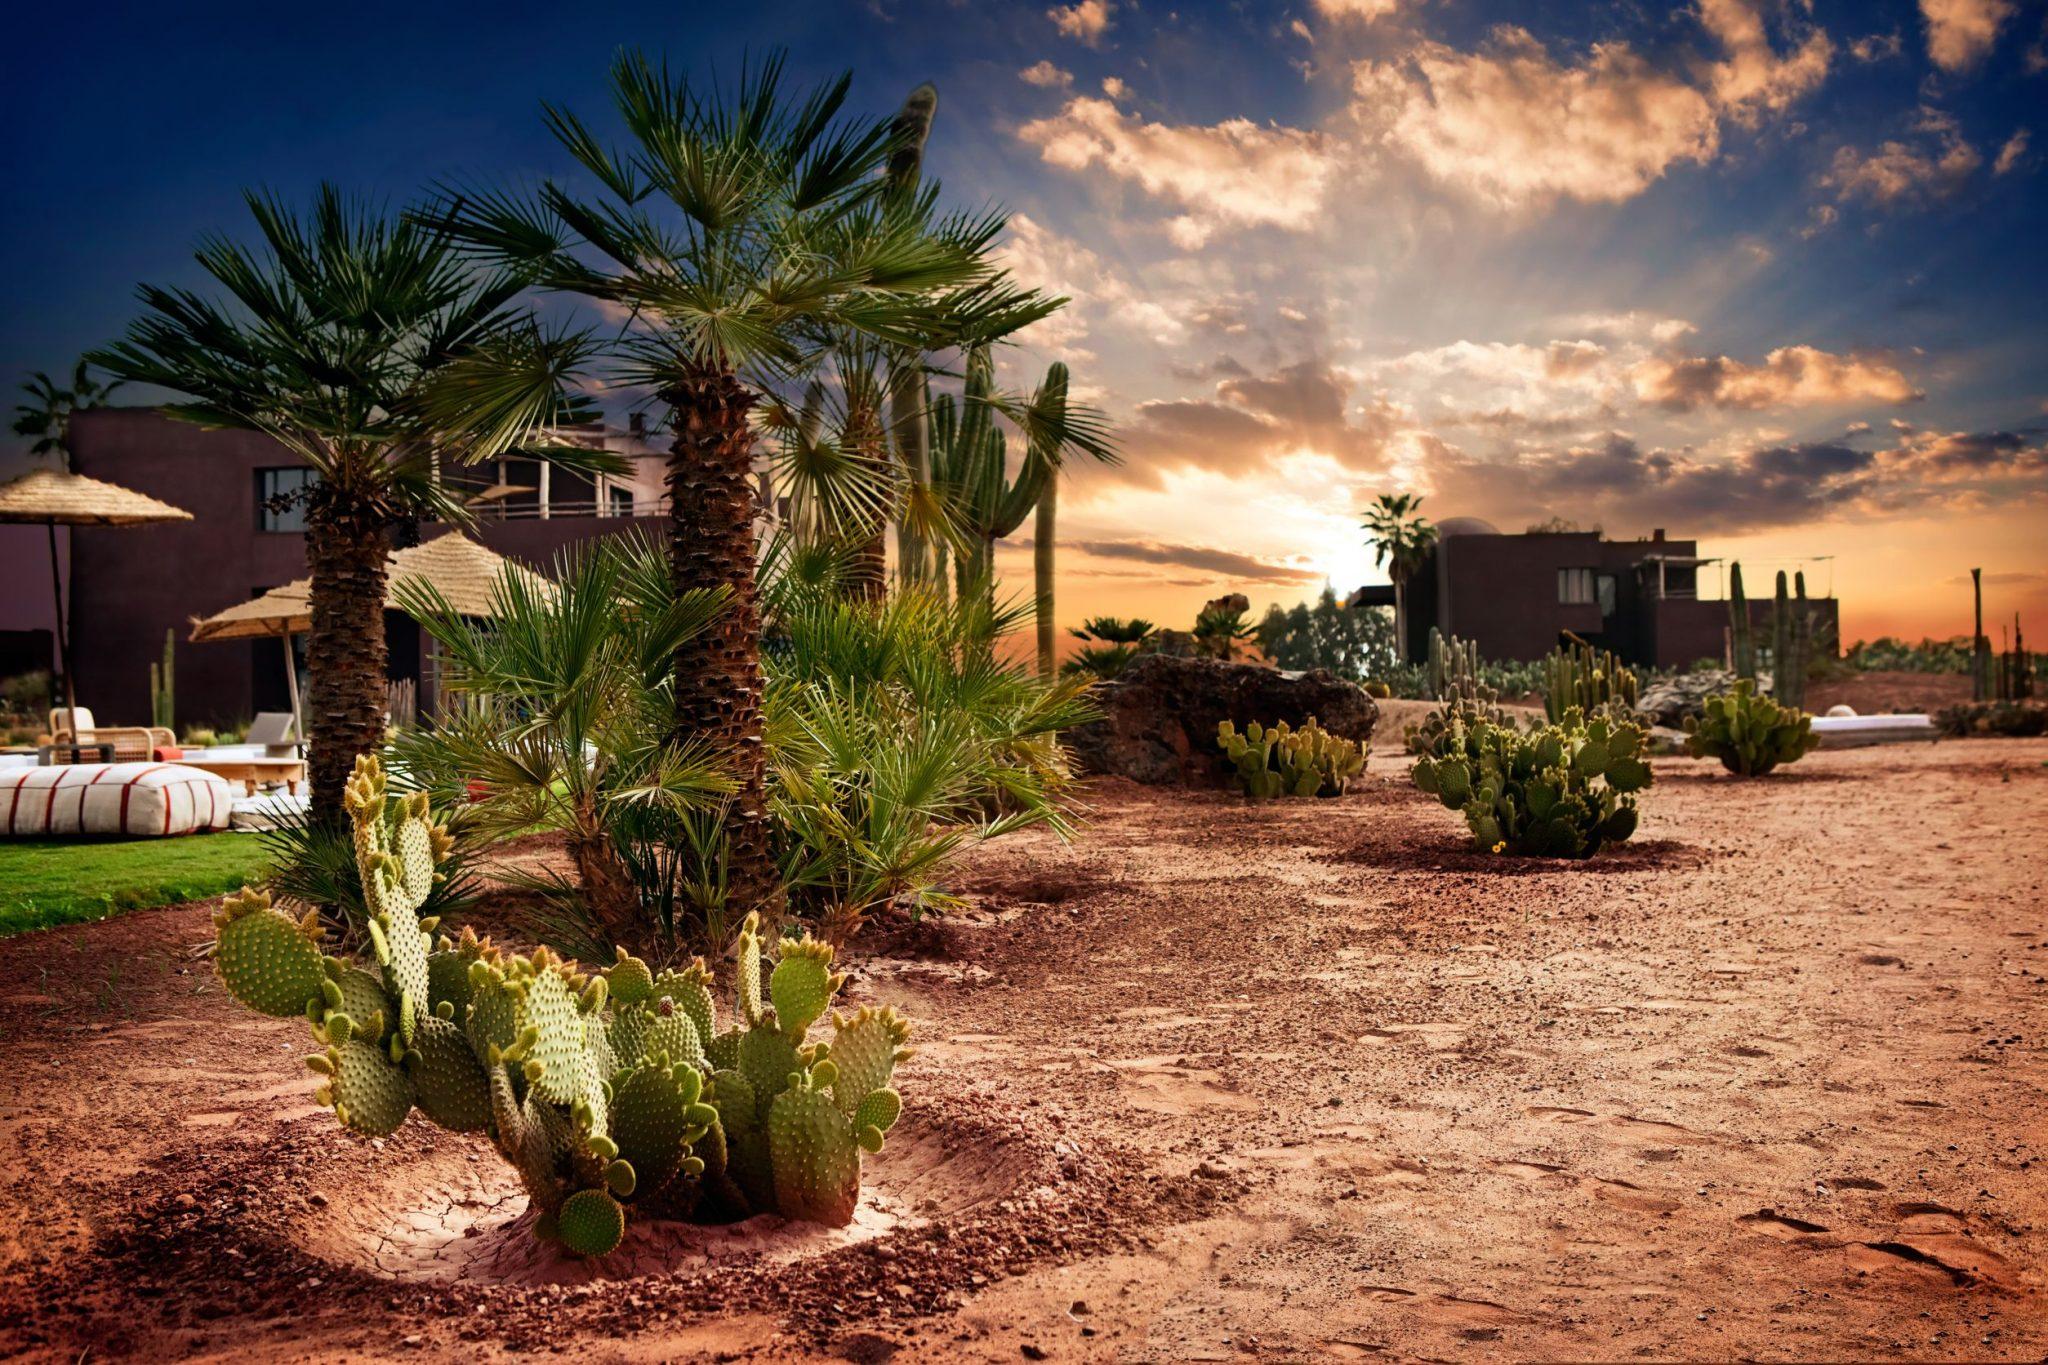 Bagajul Facut - Marrakech - Bagajul Facut